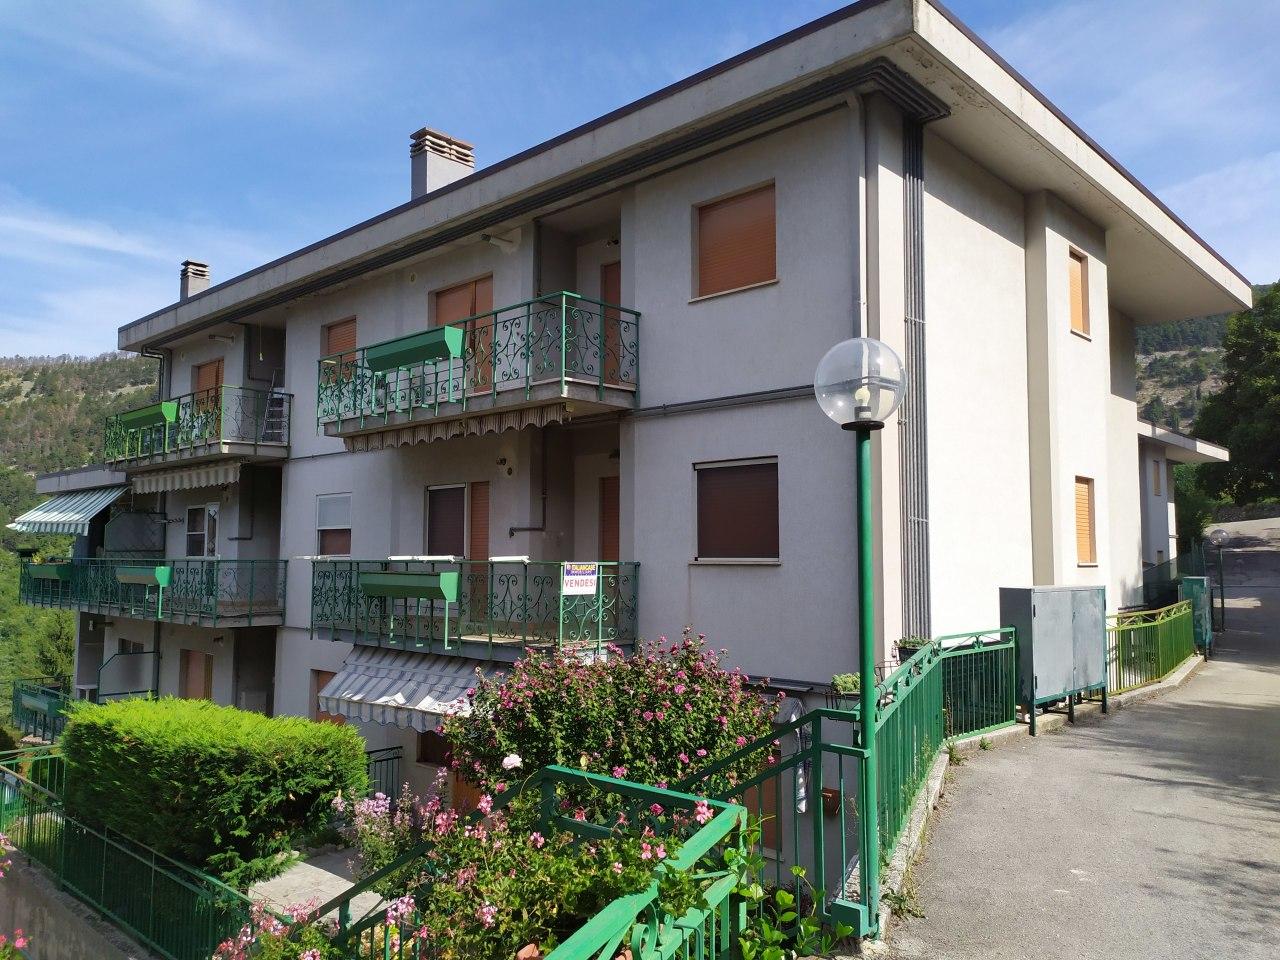 Appartamento in vendita a Caramanico Terme, 4 locali, prezzo € 58.000 | PortaleAgenzieImmobiliari.it